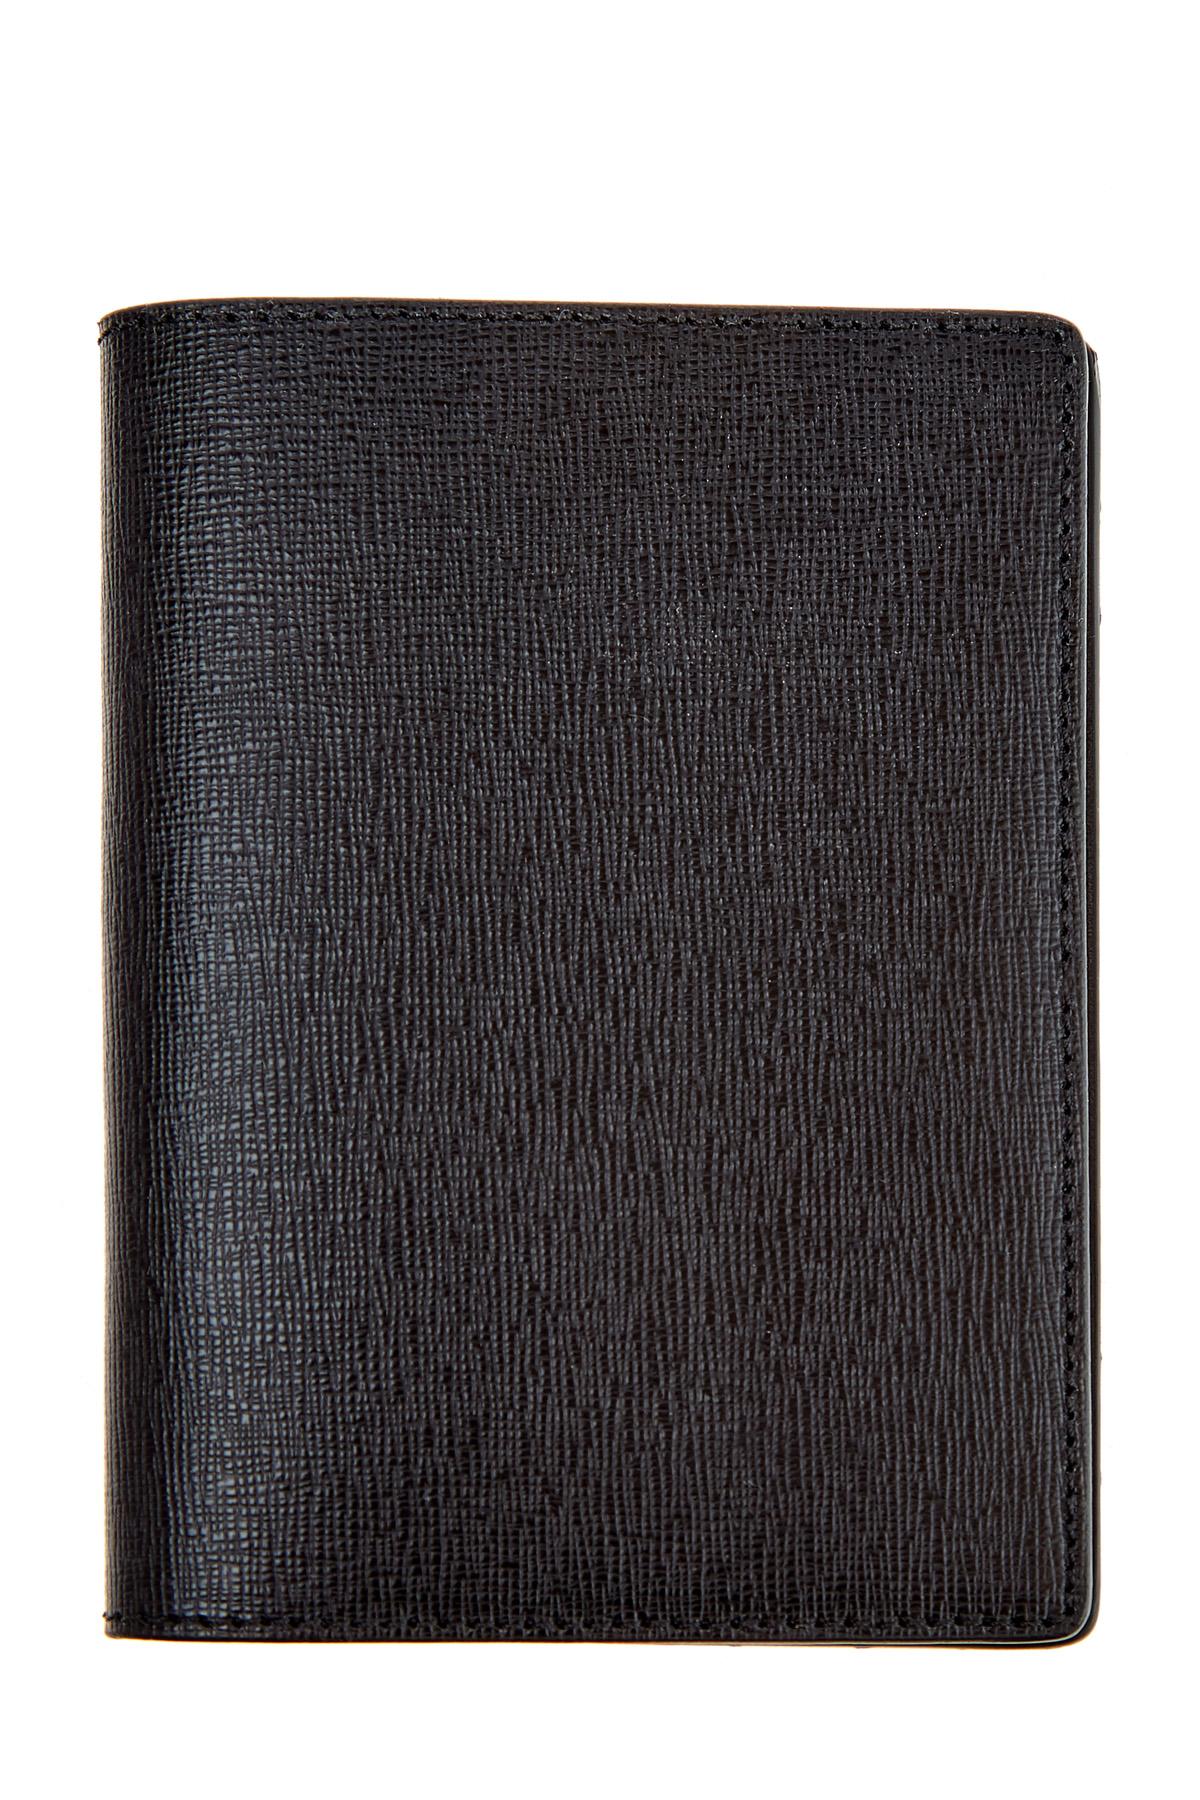 Купить Обложка для паспорта из сафьяновой кожи с отделениями для карт, CANALI, Италия, кожа 100%